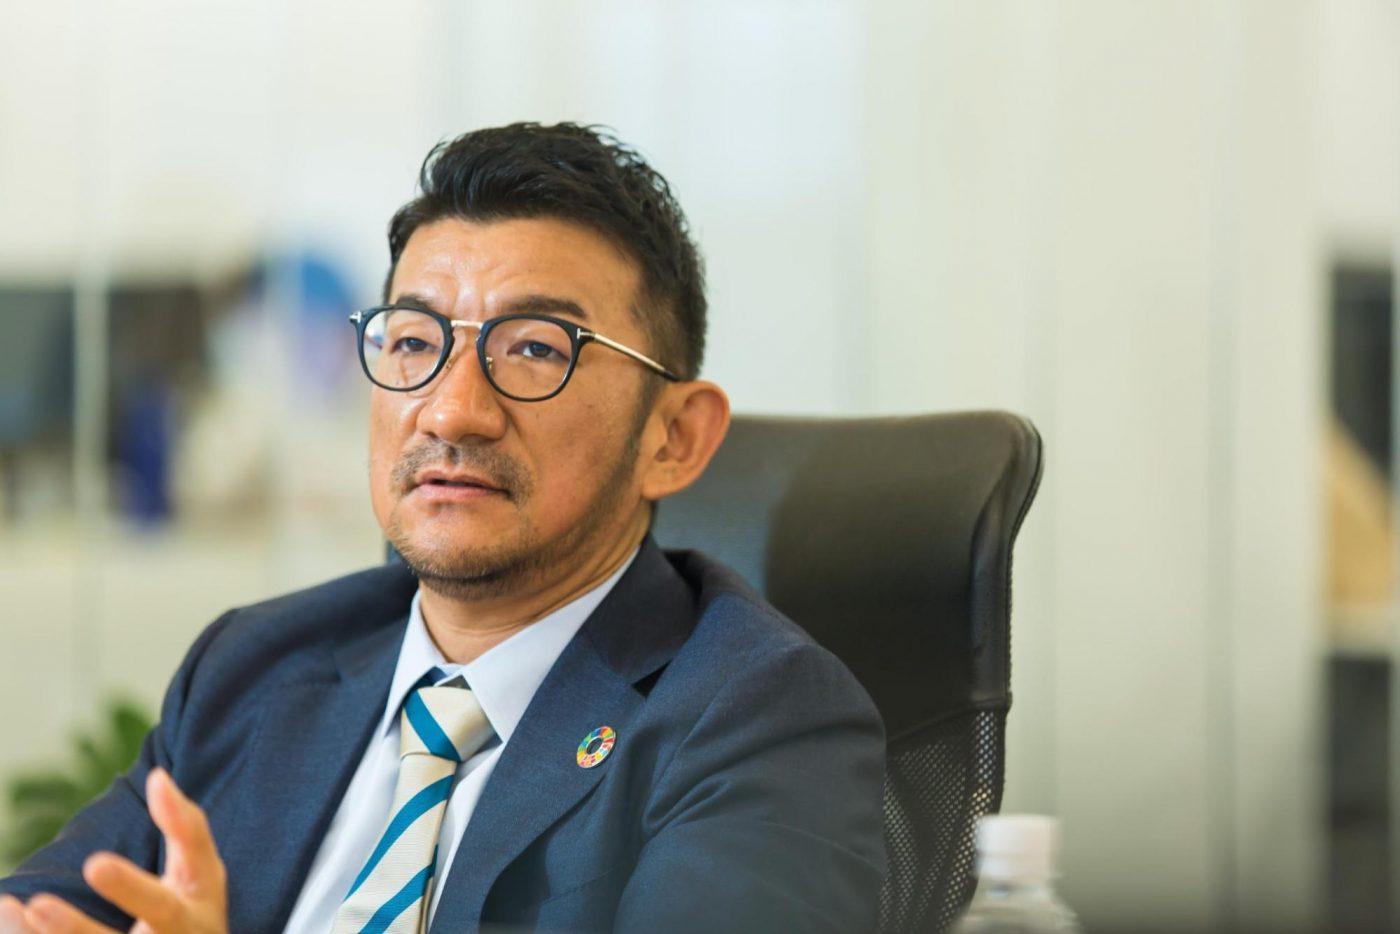 台湾でのストーンペーパーの安定生産が難しいことを知った山﨑氏は、大きな決断をする。ストーンペーパーとは異なる、新しい技術での自社開発だ。新技術にも関わらず特許が取得されていなかったため、自社でも生産ラインを整えられると踏んだ。